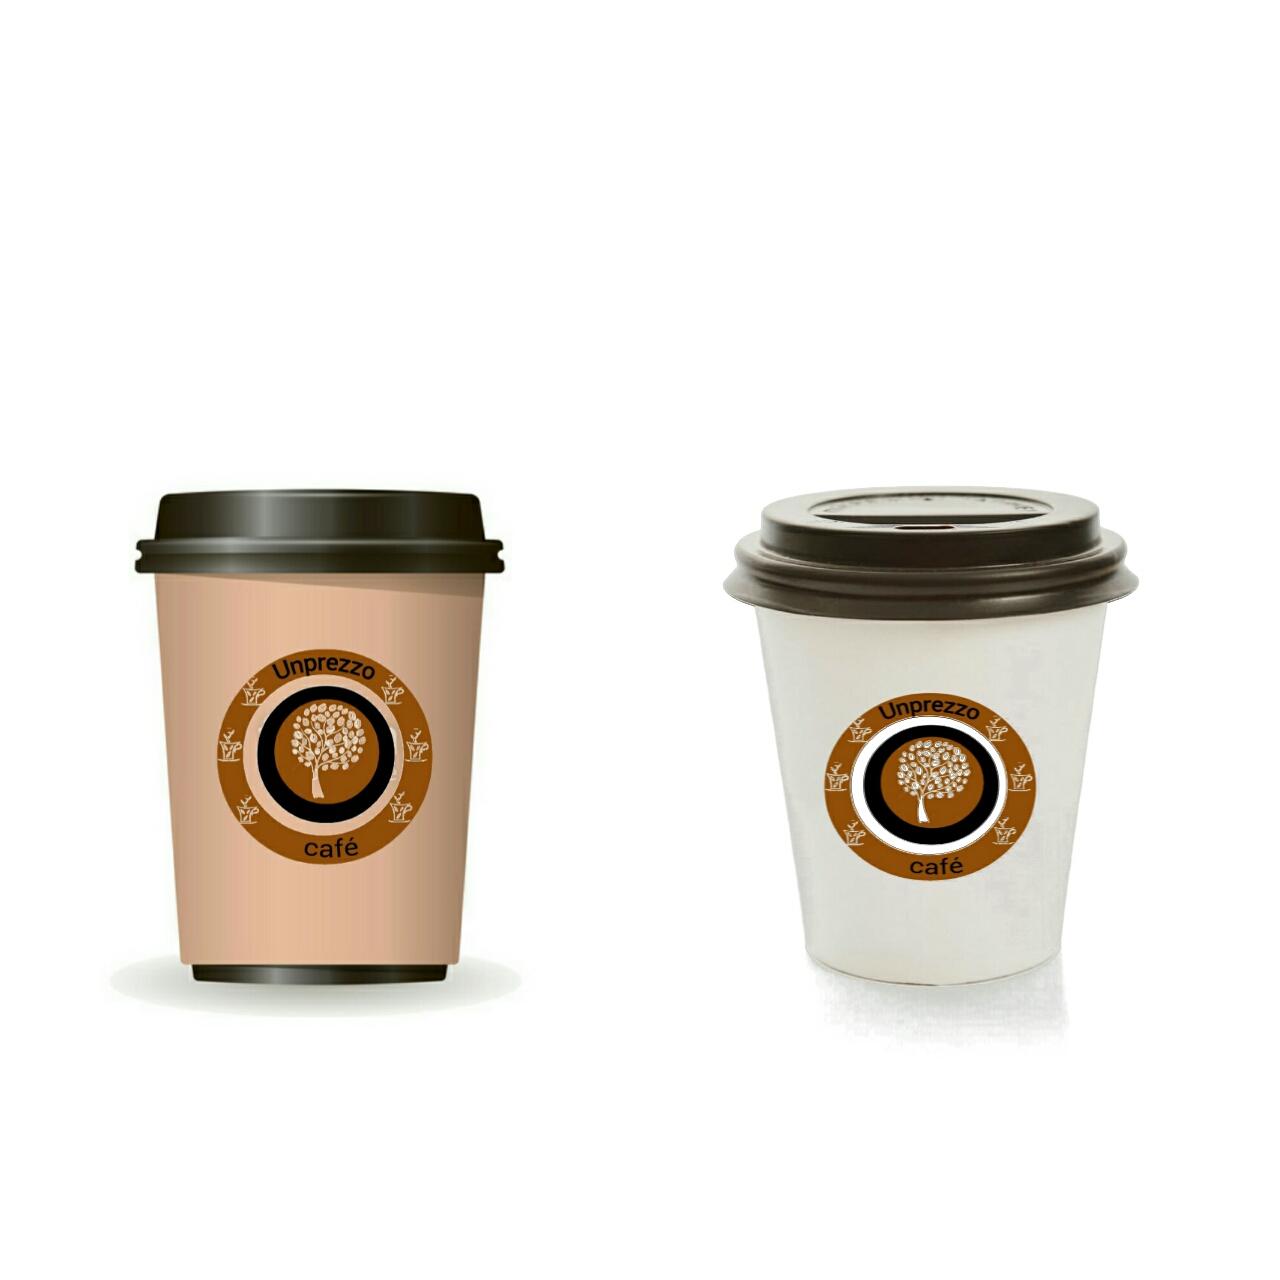 Название, цвета, логотип и дизайн оформления для сети кофеен фото f_0645b9abe6b116b2.jpg